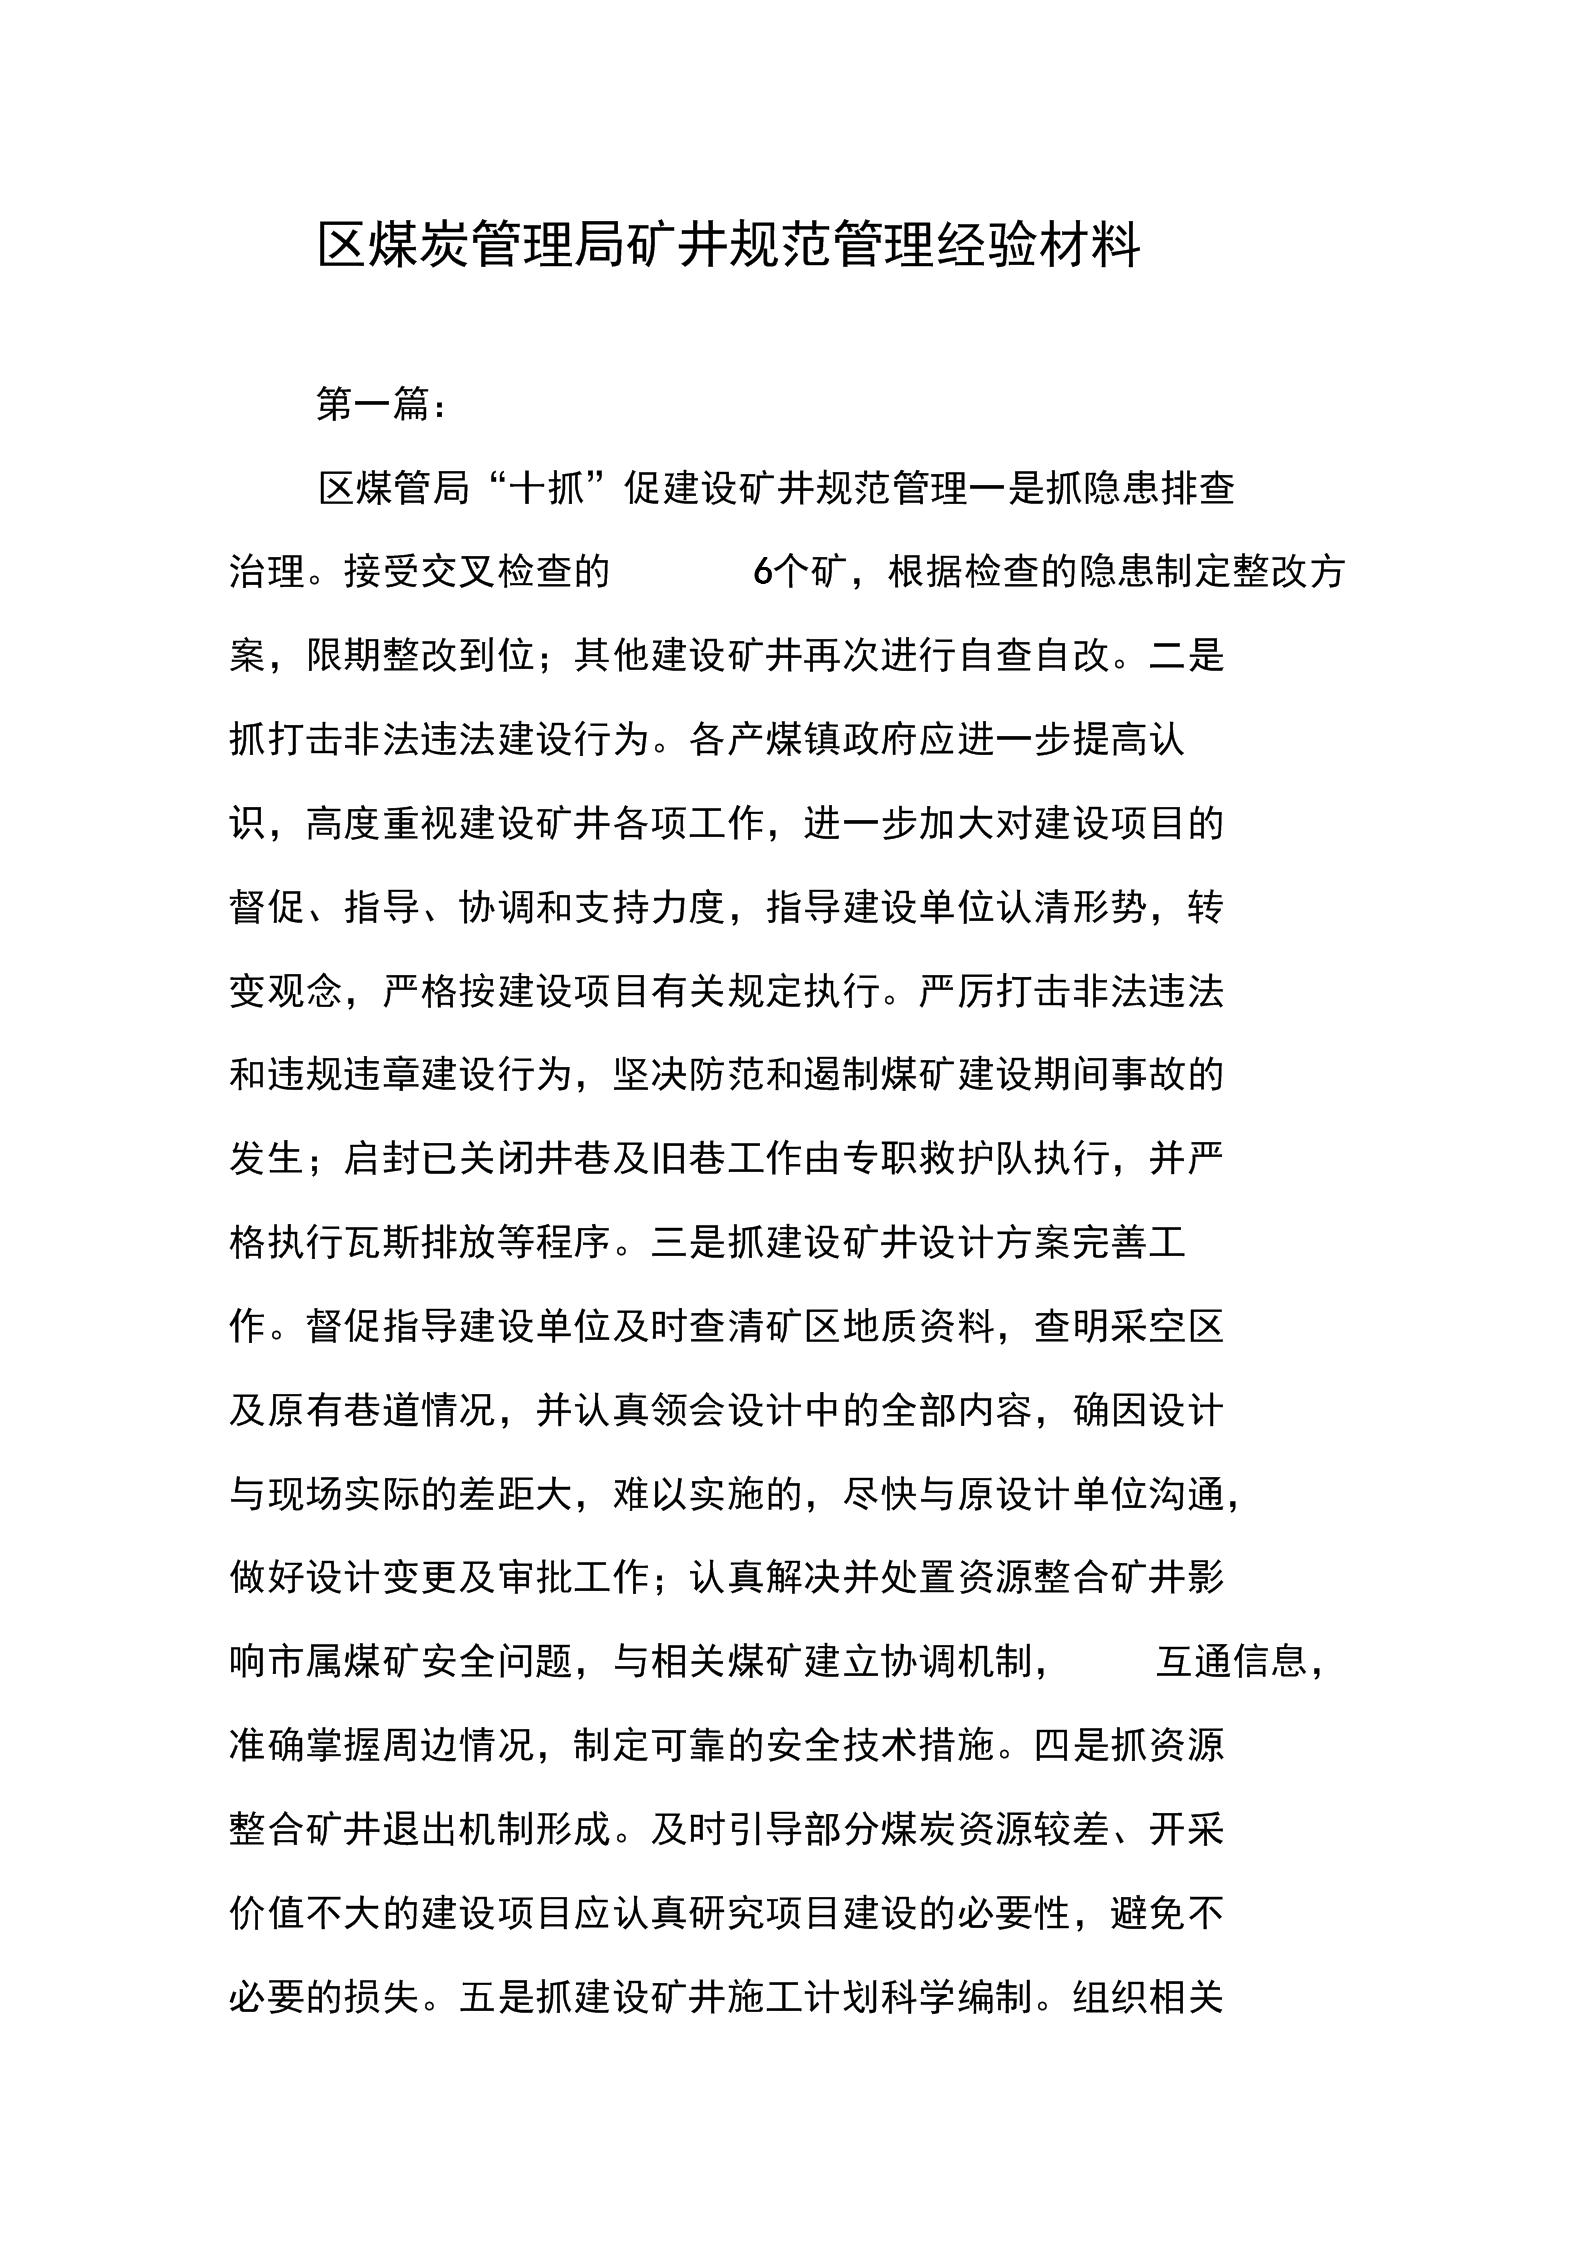 区煤炭管理局矿井规范管理经验材料.docx